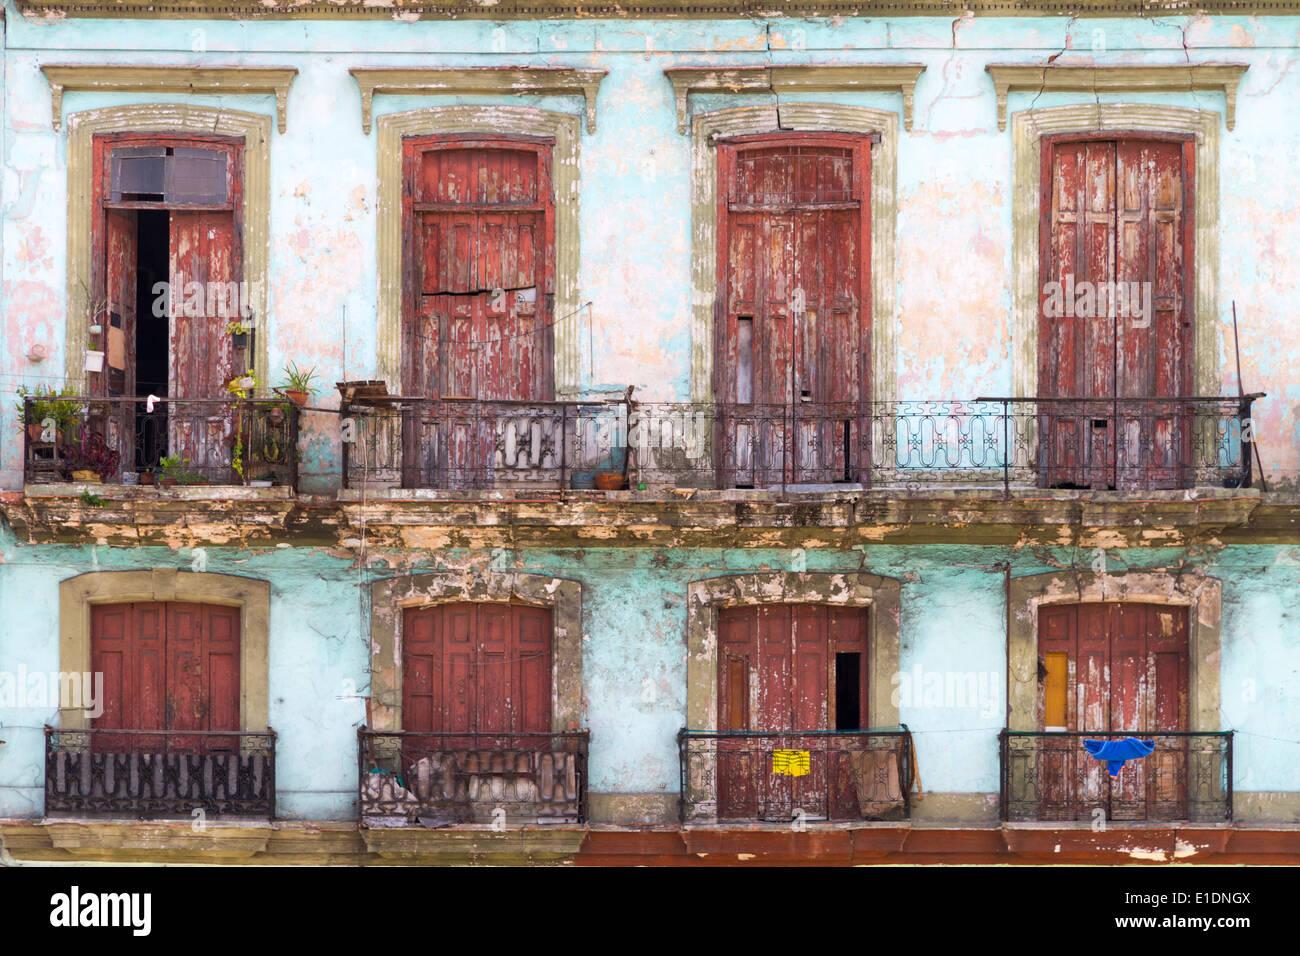 Fachada del edificio desmoronándose con balcones en Pasea del Industria, Habana Vieja, Cuba Foto de stock